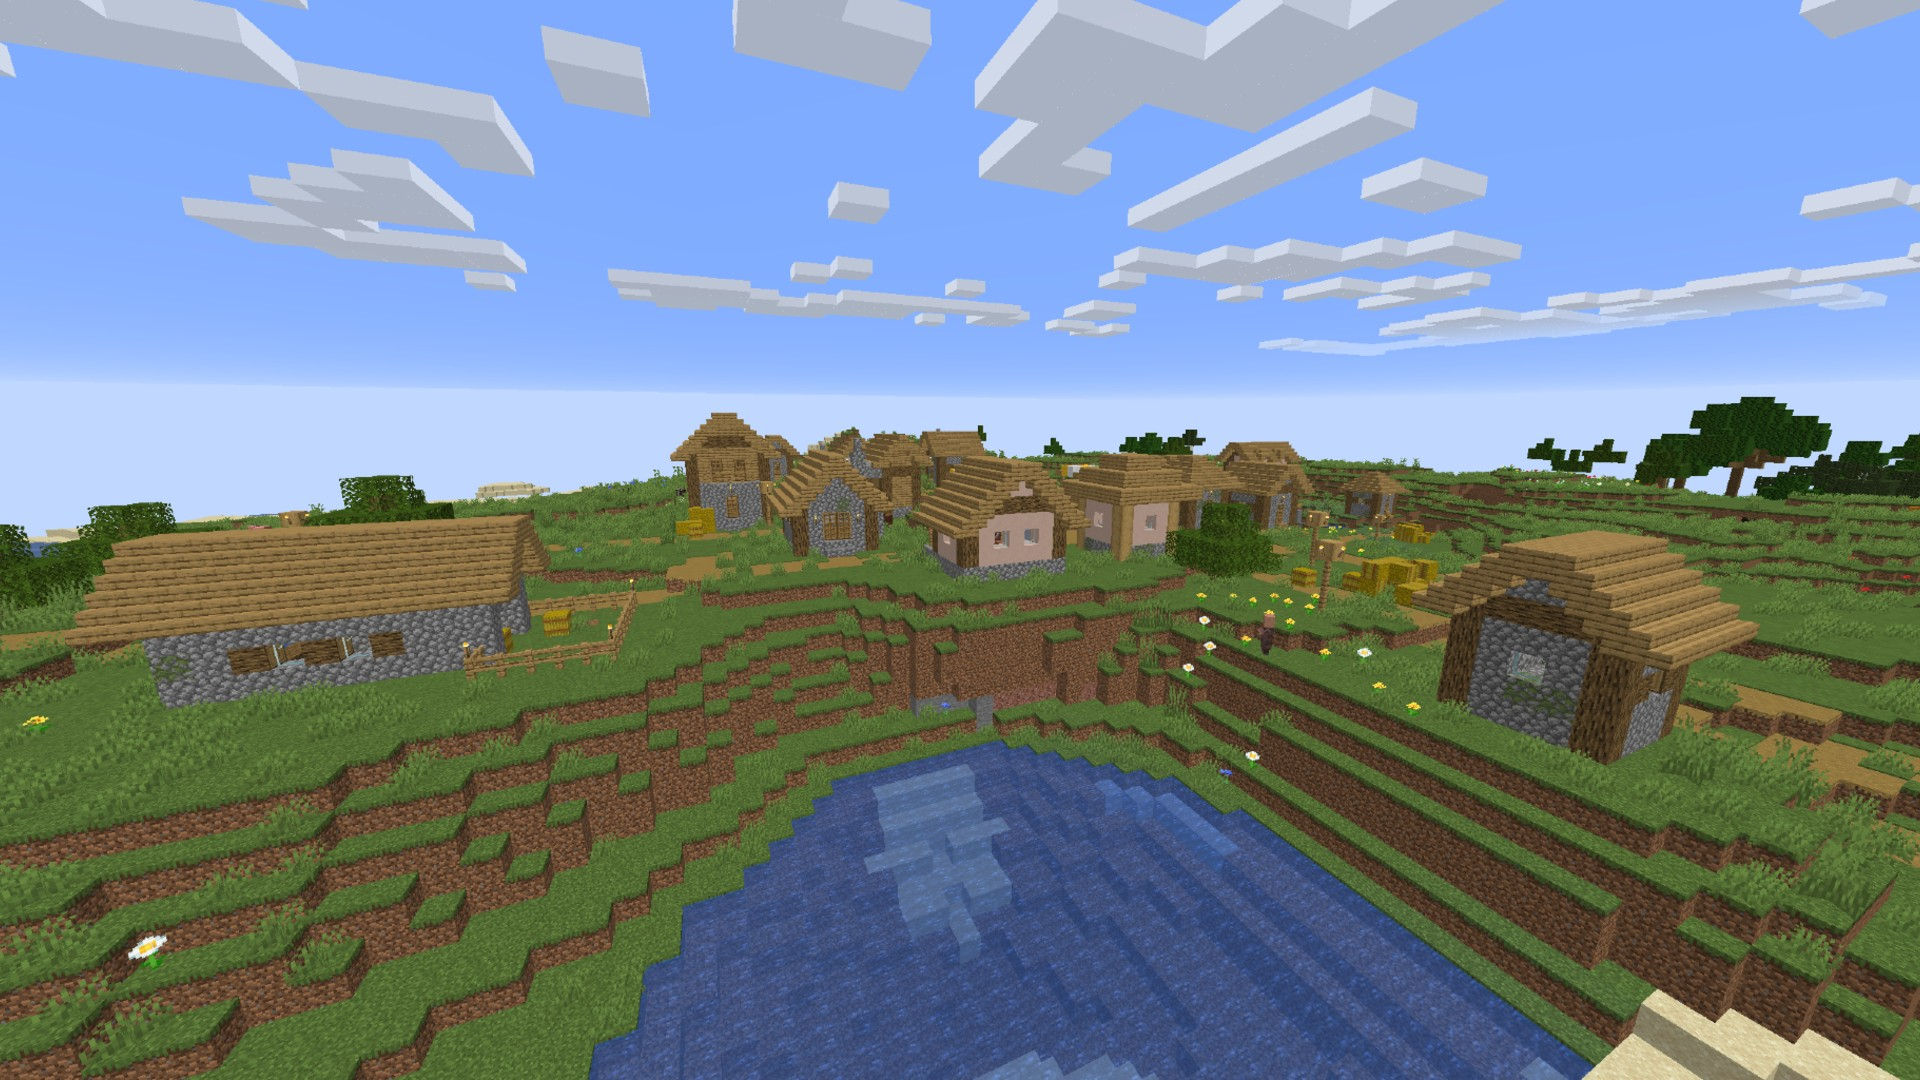 Minecraft village guide: how to find a village in Minecraft